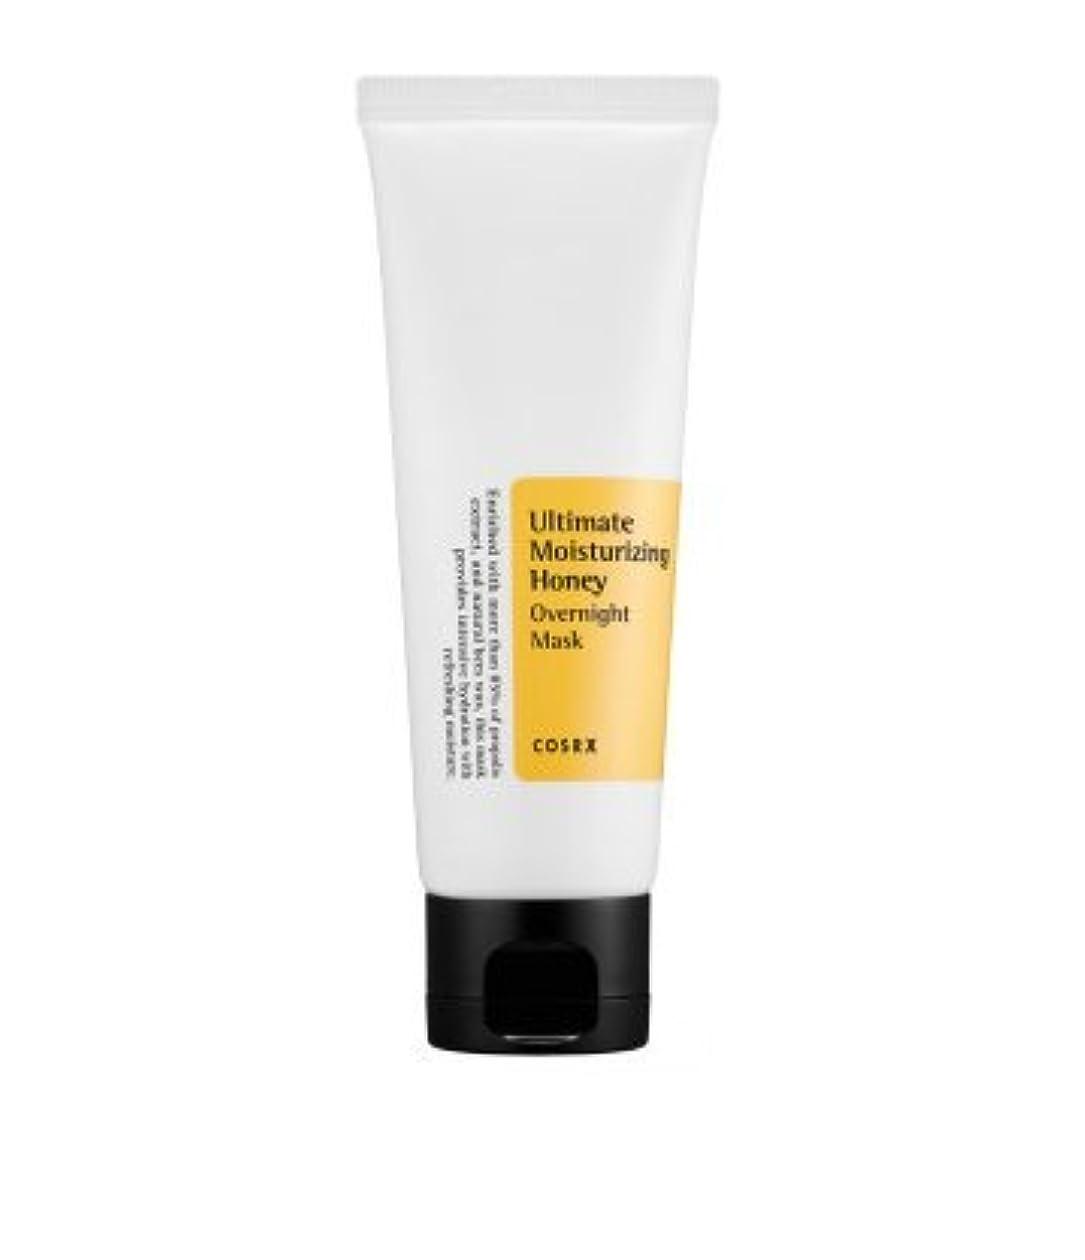 毎年セミナー重荷COSRX アルティメット モイスチャライジング ハニー オーバーナイト マスク チューブタイプ(60ml) リニューアル / Ultimate Moisturizing Honey Overnight Mask [並行輸入品]